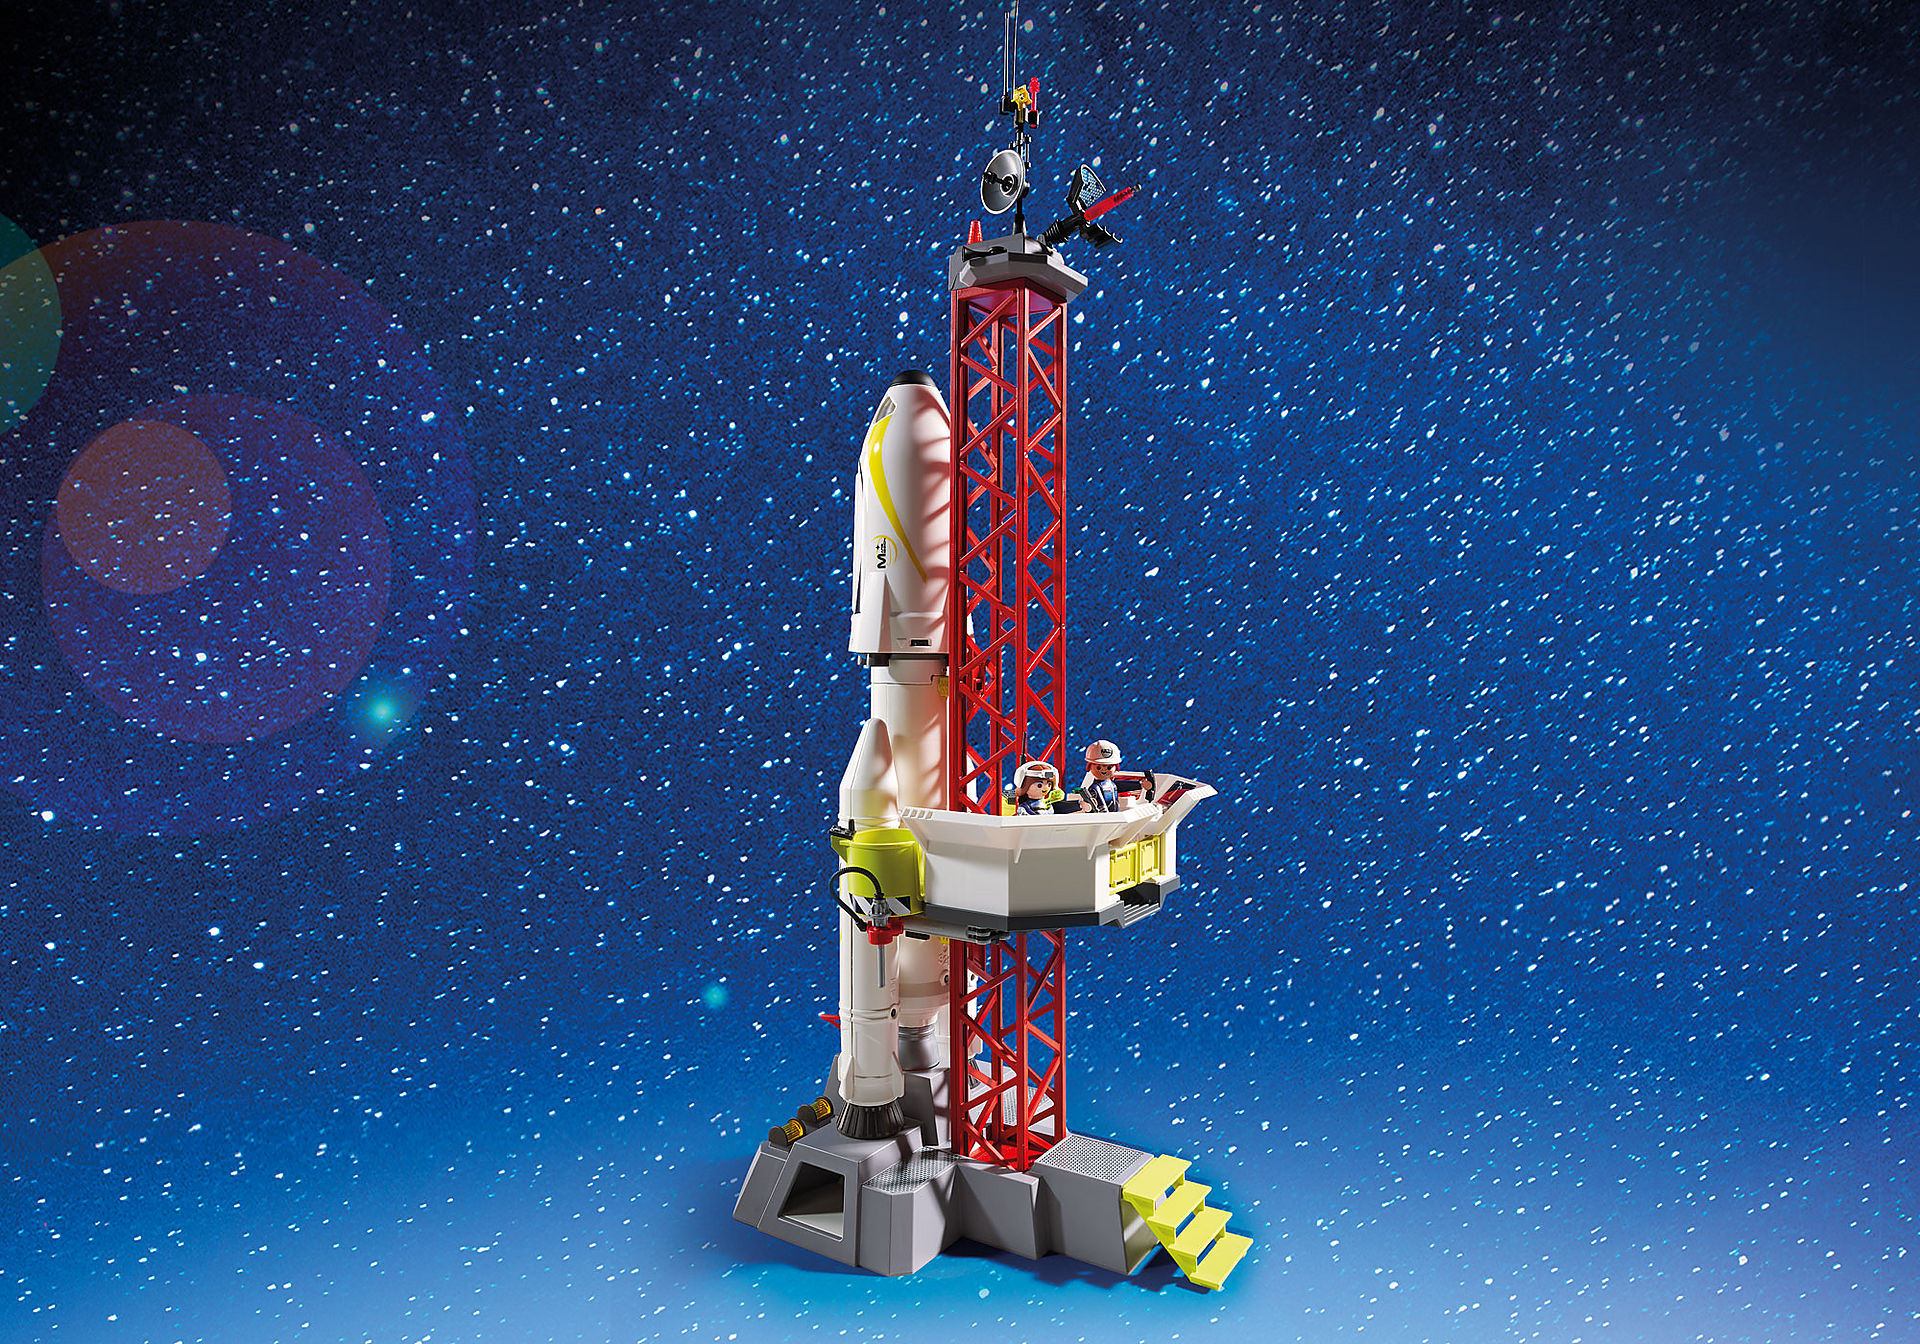 http://media.playmobil.com/i/playmobil/9488_product_extra5/Πύραυλος διαστημικής αποστολής με σταθμό εκτόξευσης